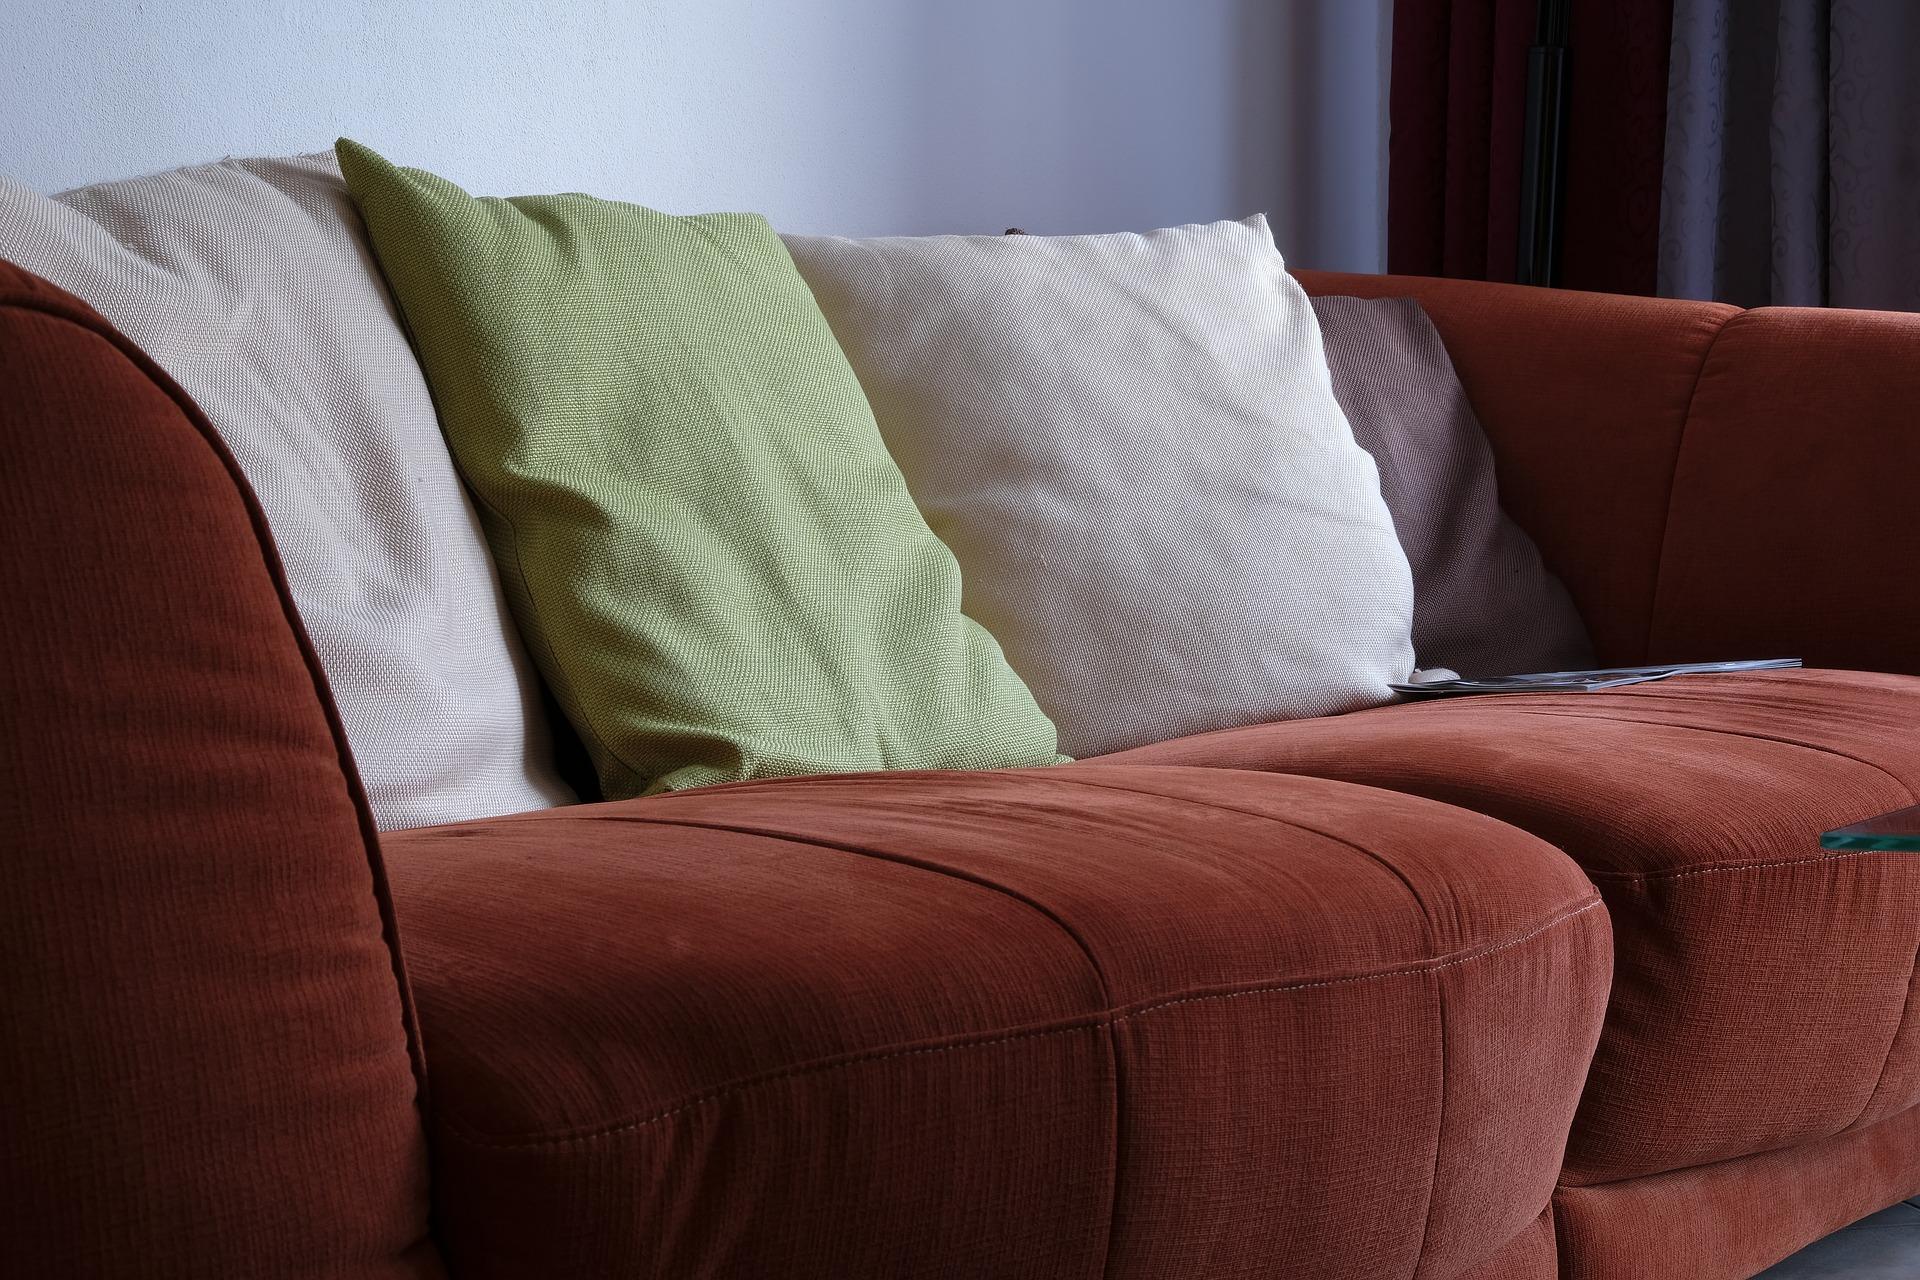 Lavar sofá em Cláudio é com a Acquazero! Veja por que fazer!